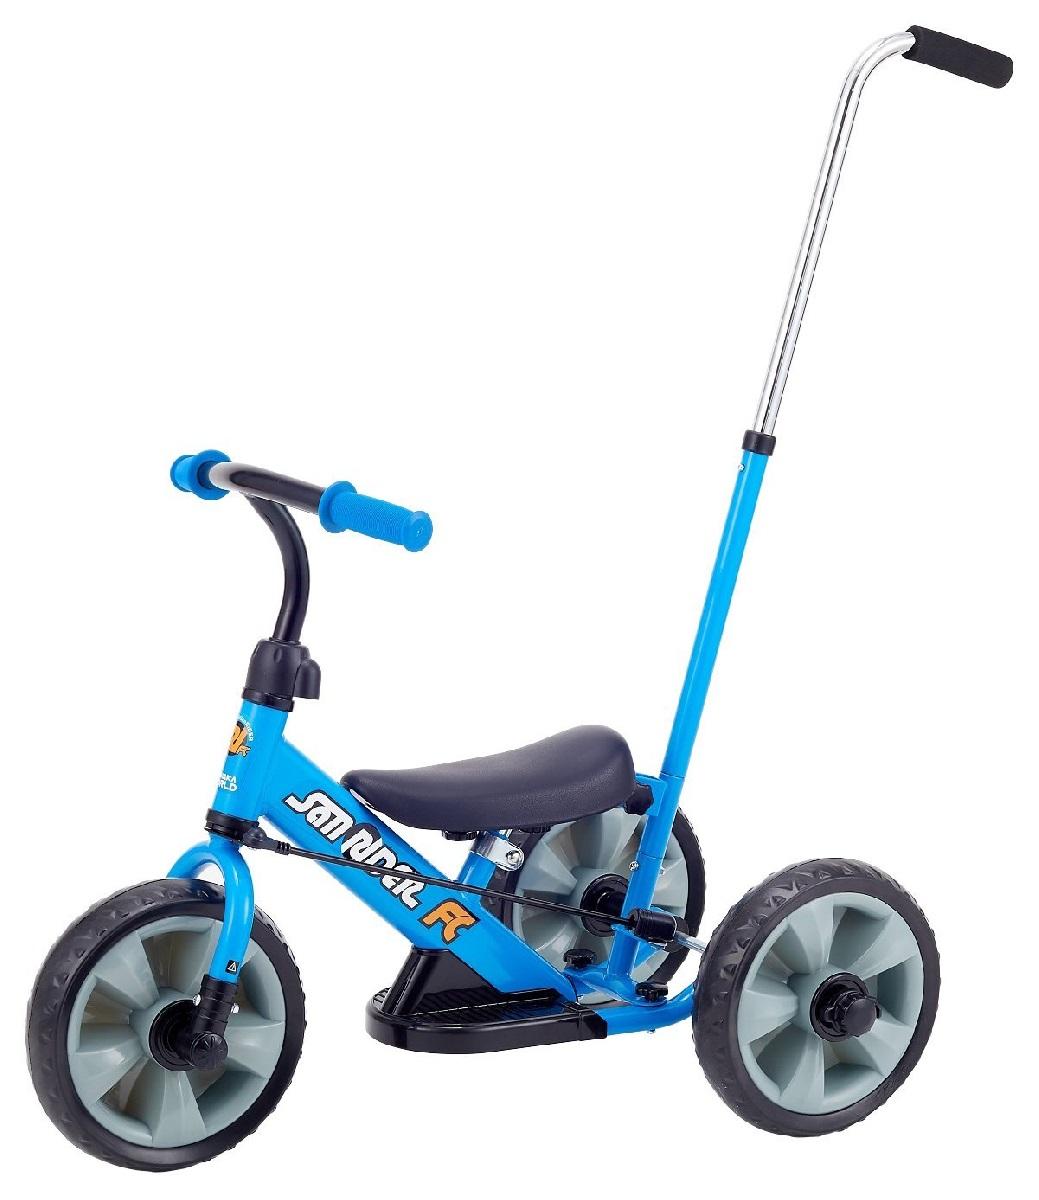 【ワールド】へんしん!サンライダーFC(3390 ブルー) 三輪車/おもちゃ/バースデープレゼント